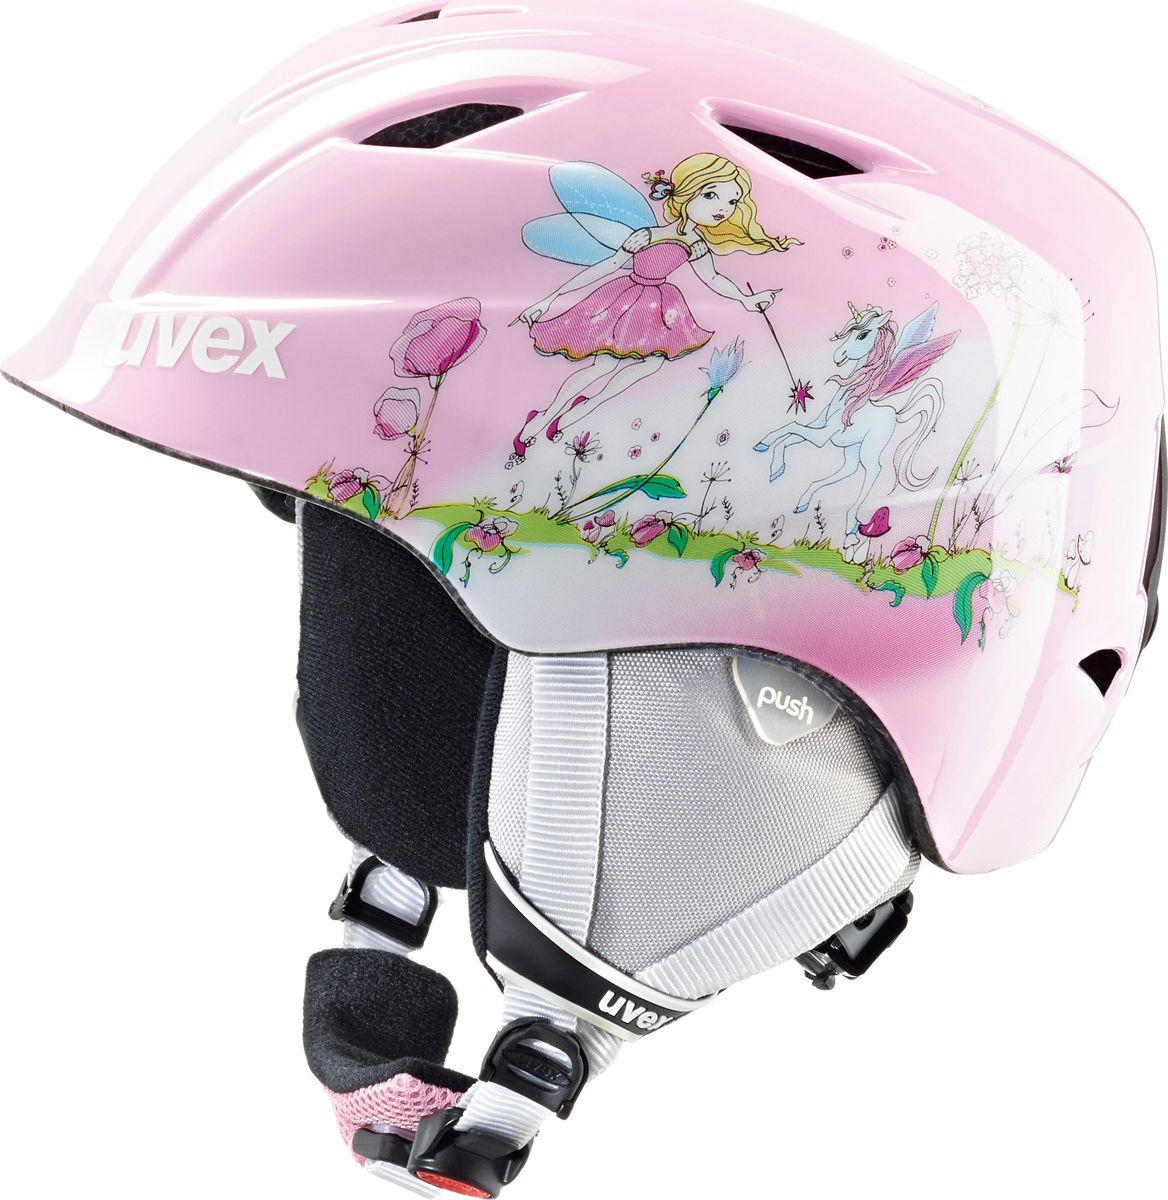 Шлем горнолыжный детский Uvex Airwing 2 Kids Helmet, фея. Размер S6132Детский шлем Uvex Airwing 2 обеспечит юному лыжнику максимальный комфорт на склоне. В модели предусмотрены система вентиляции, съемная защита ушей и фиксатор стрэпа маски. Система индивидуальной подгонки размера IAS и застежка Monomatic позволят надежно закрепить шлем на голове. Подкладка выполнена из гипоаллергенного материала.